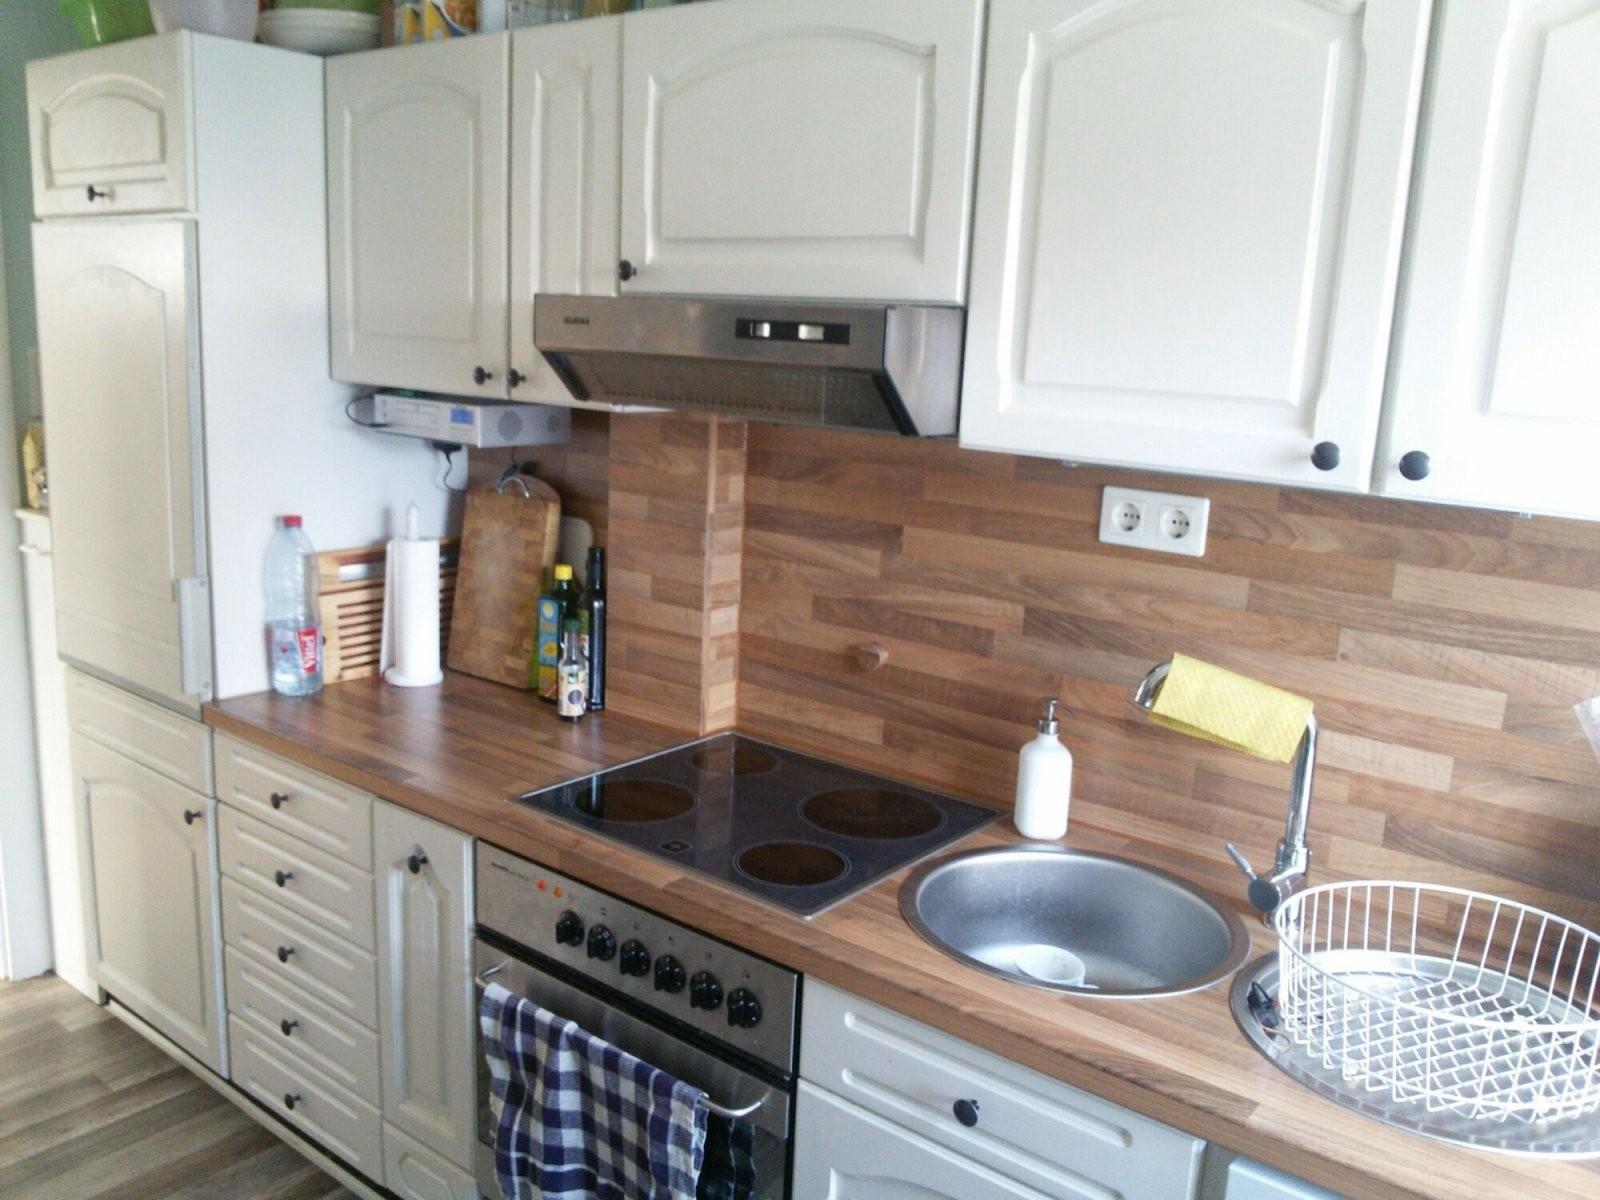 Vorhernachher Die Küche  Inspiracion Para Decorar  White Kitchen von Küche Eiche Rustikal Streichen Photo